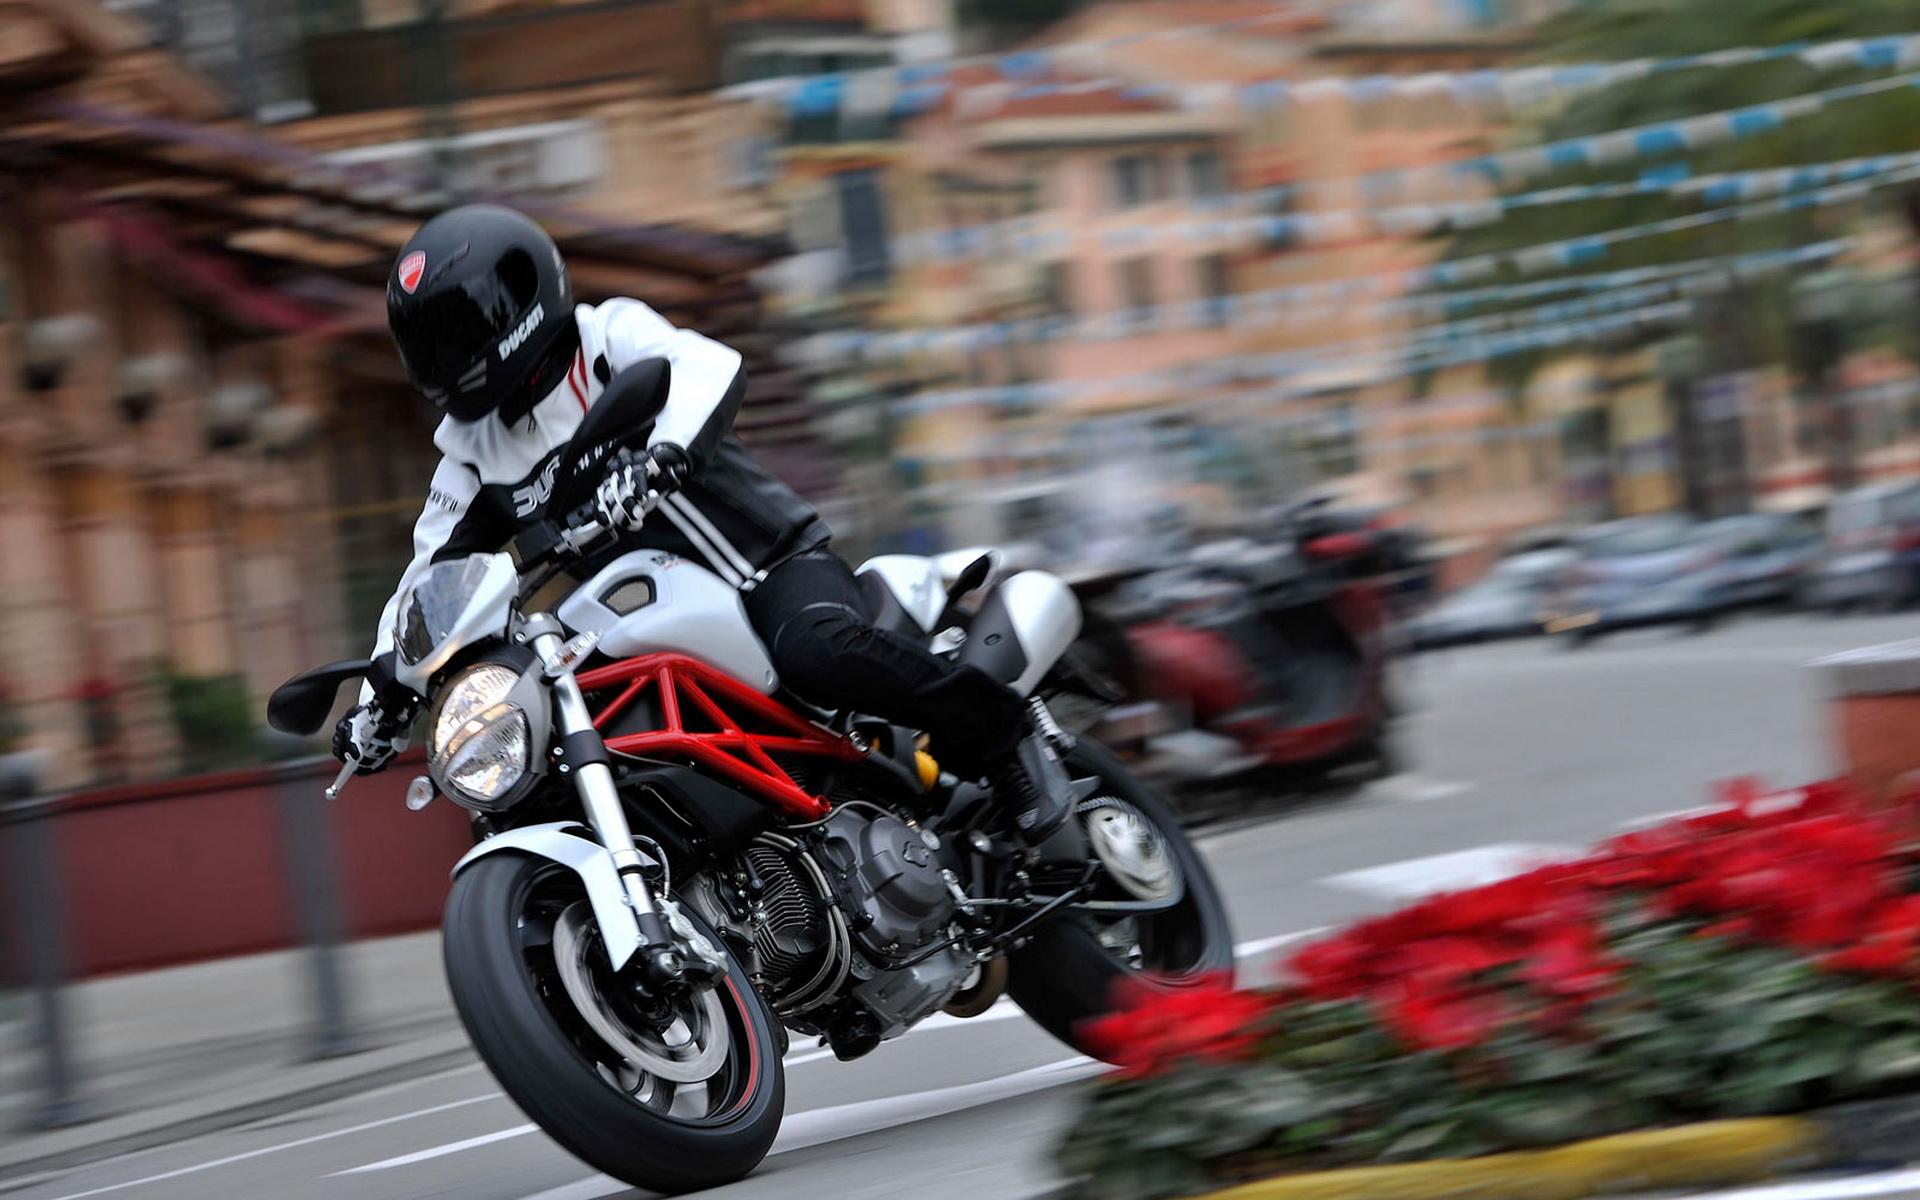 Apple попросила владельцев iPhone не закреплять их на мотоциклах